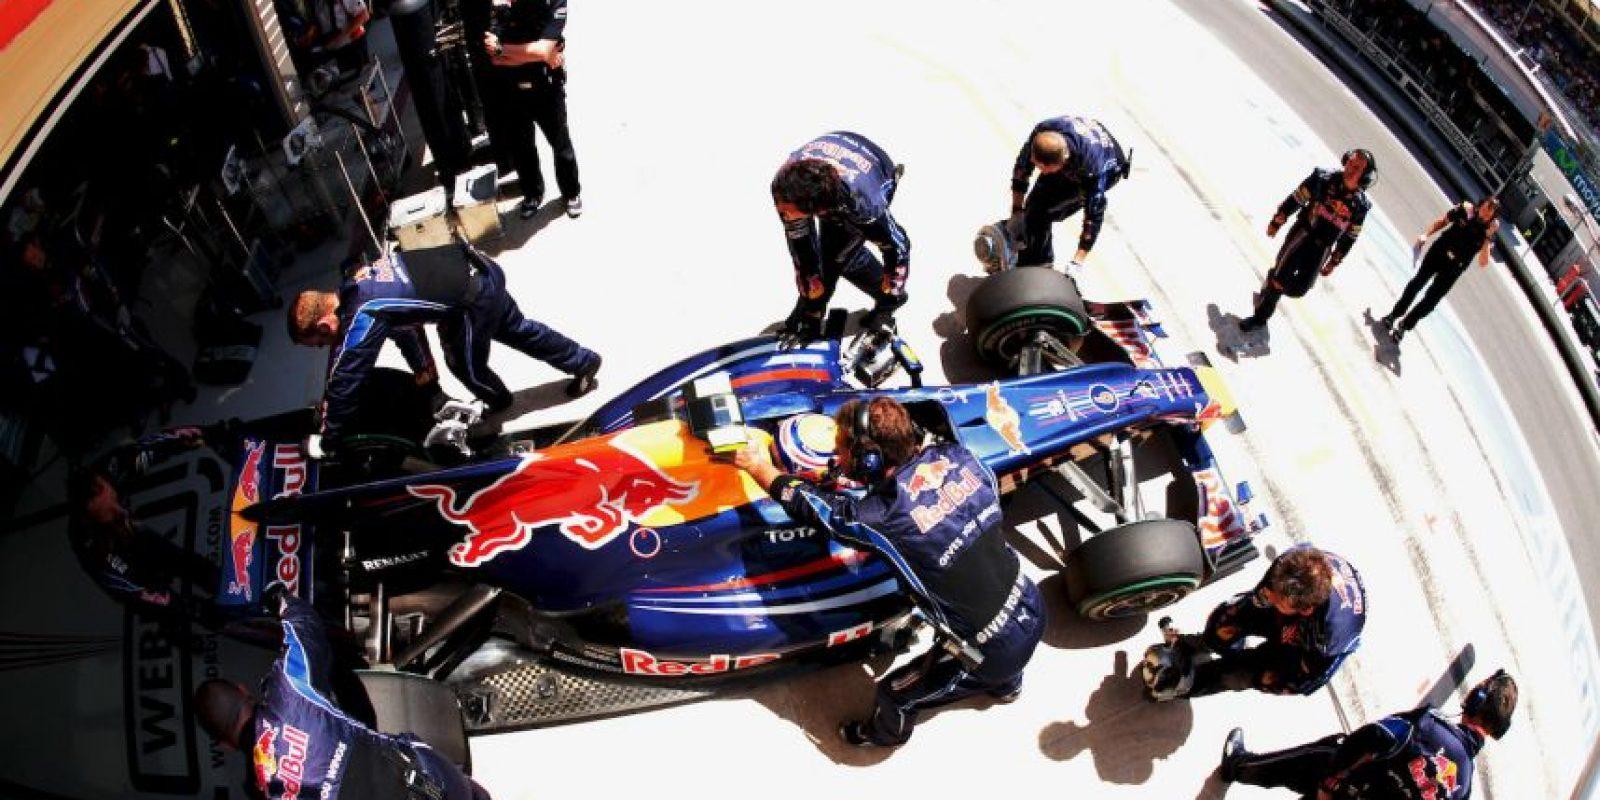 Gran Premio de España 2010 Foto:Getty Images